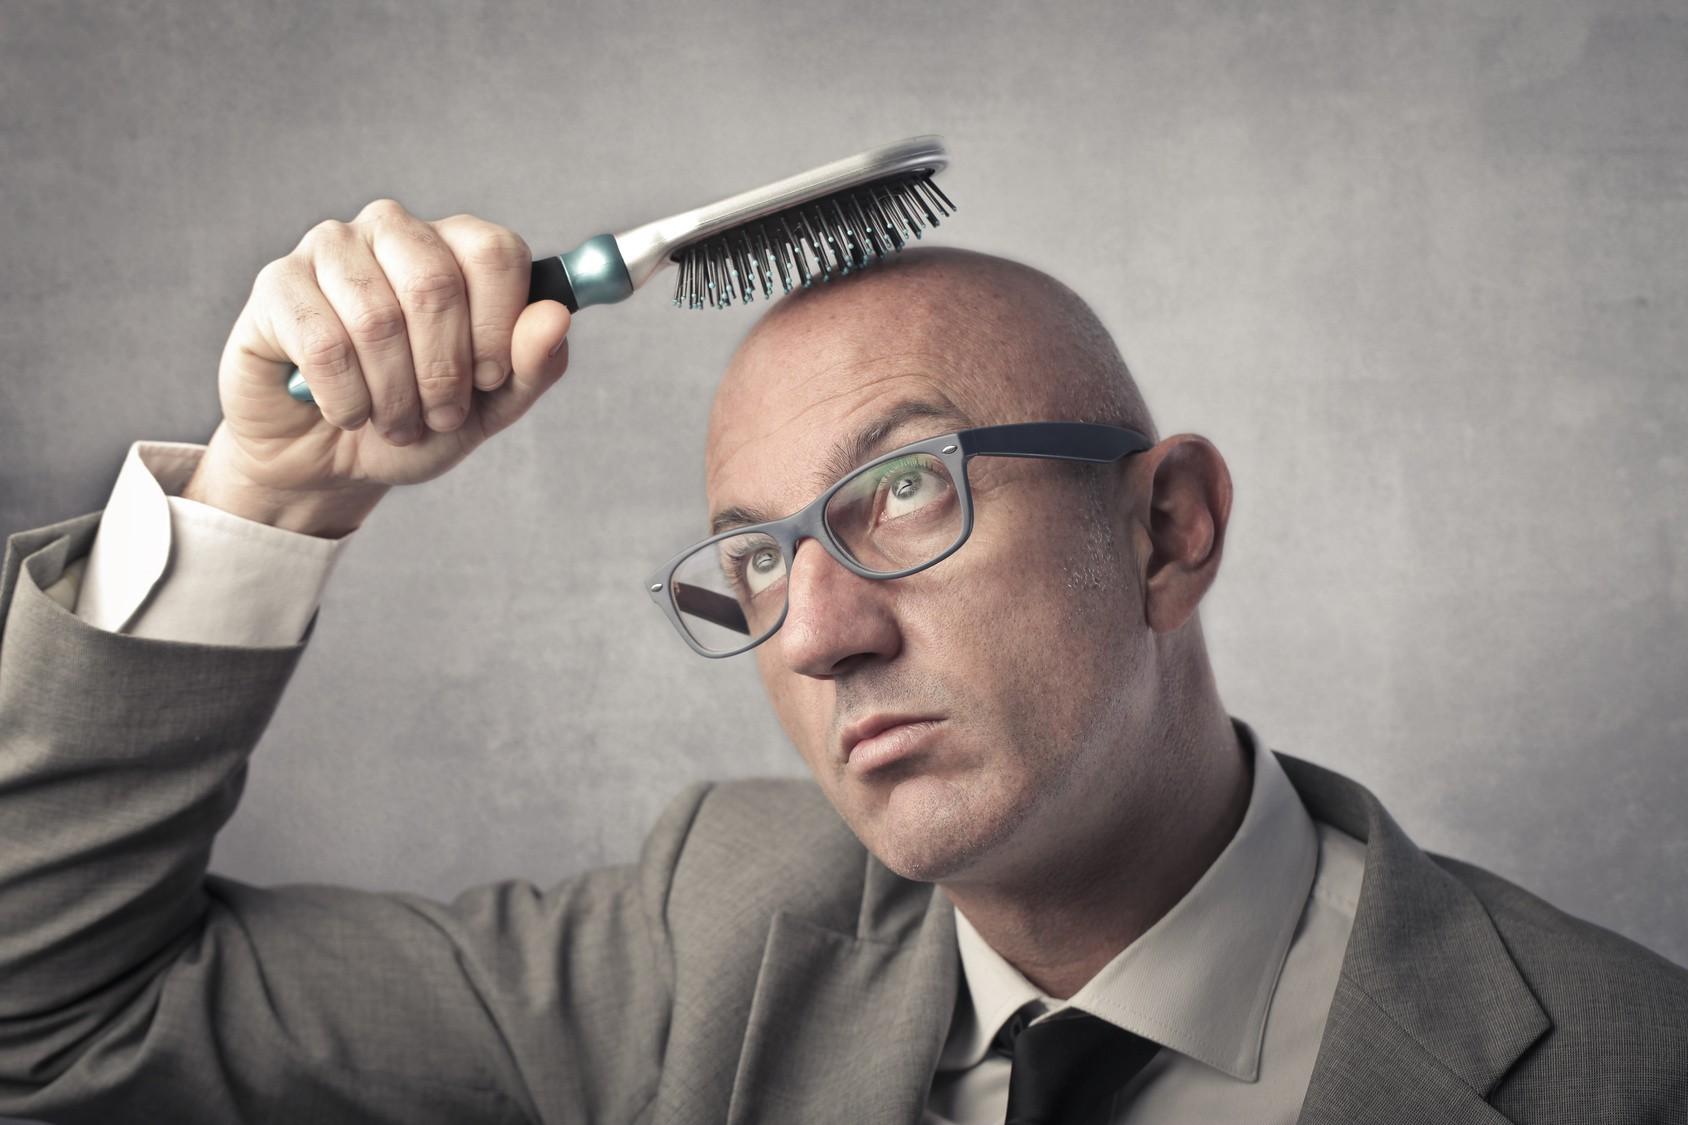 ریزش مو،دلایل و درمان ها